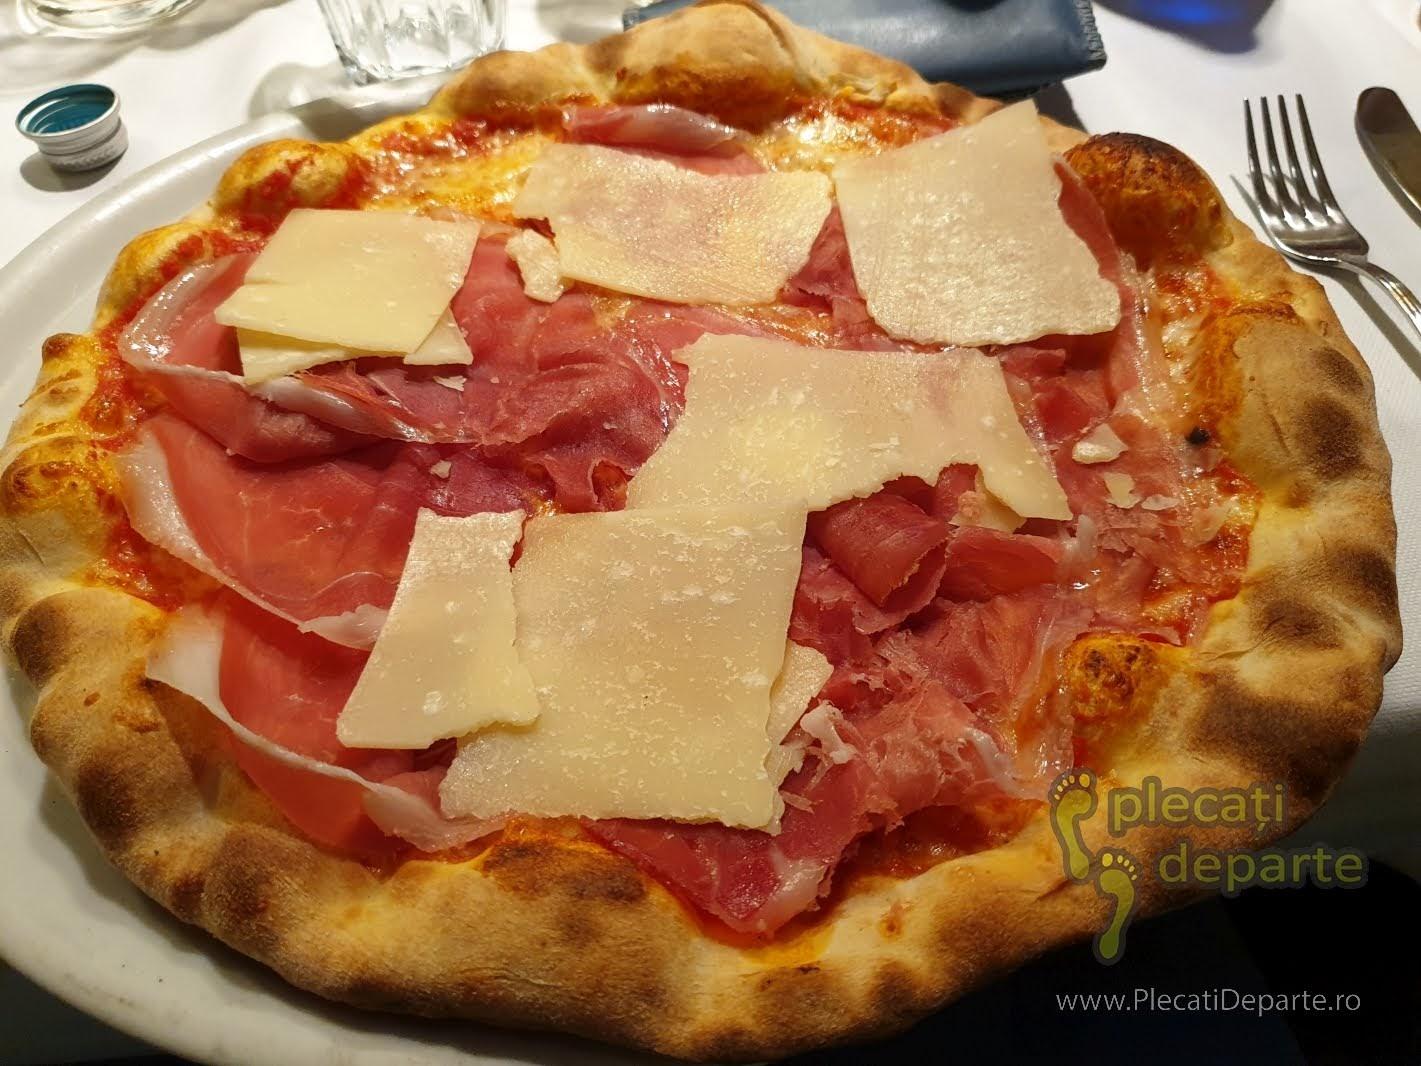 Pizza cu prosciuto si parmezan in Parma. parmigiano reggiano. Prosciuto și parmezanul sunt principalele ingrediente care se folosesc la pizza si in alte mancaruri traditionale italiene. bologna parma lugo obiective turistice mancaruri traditionale italia